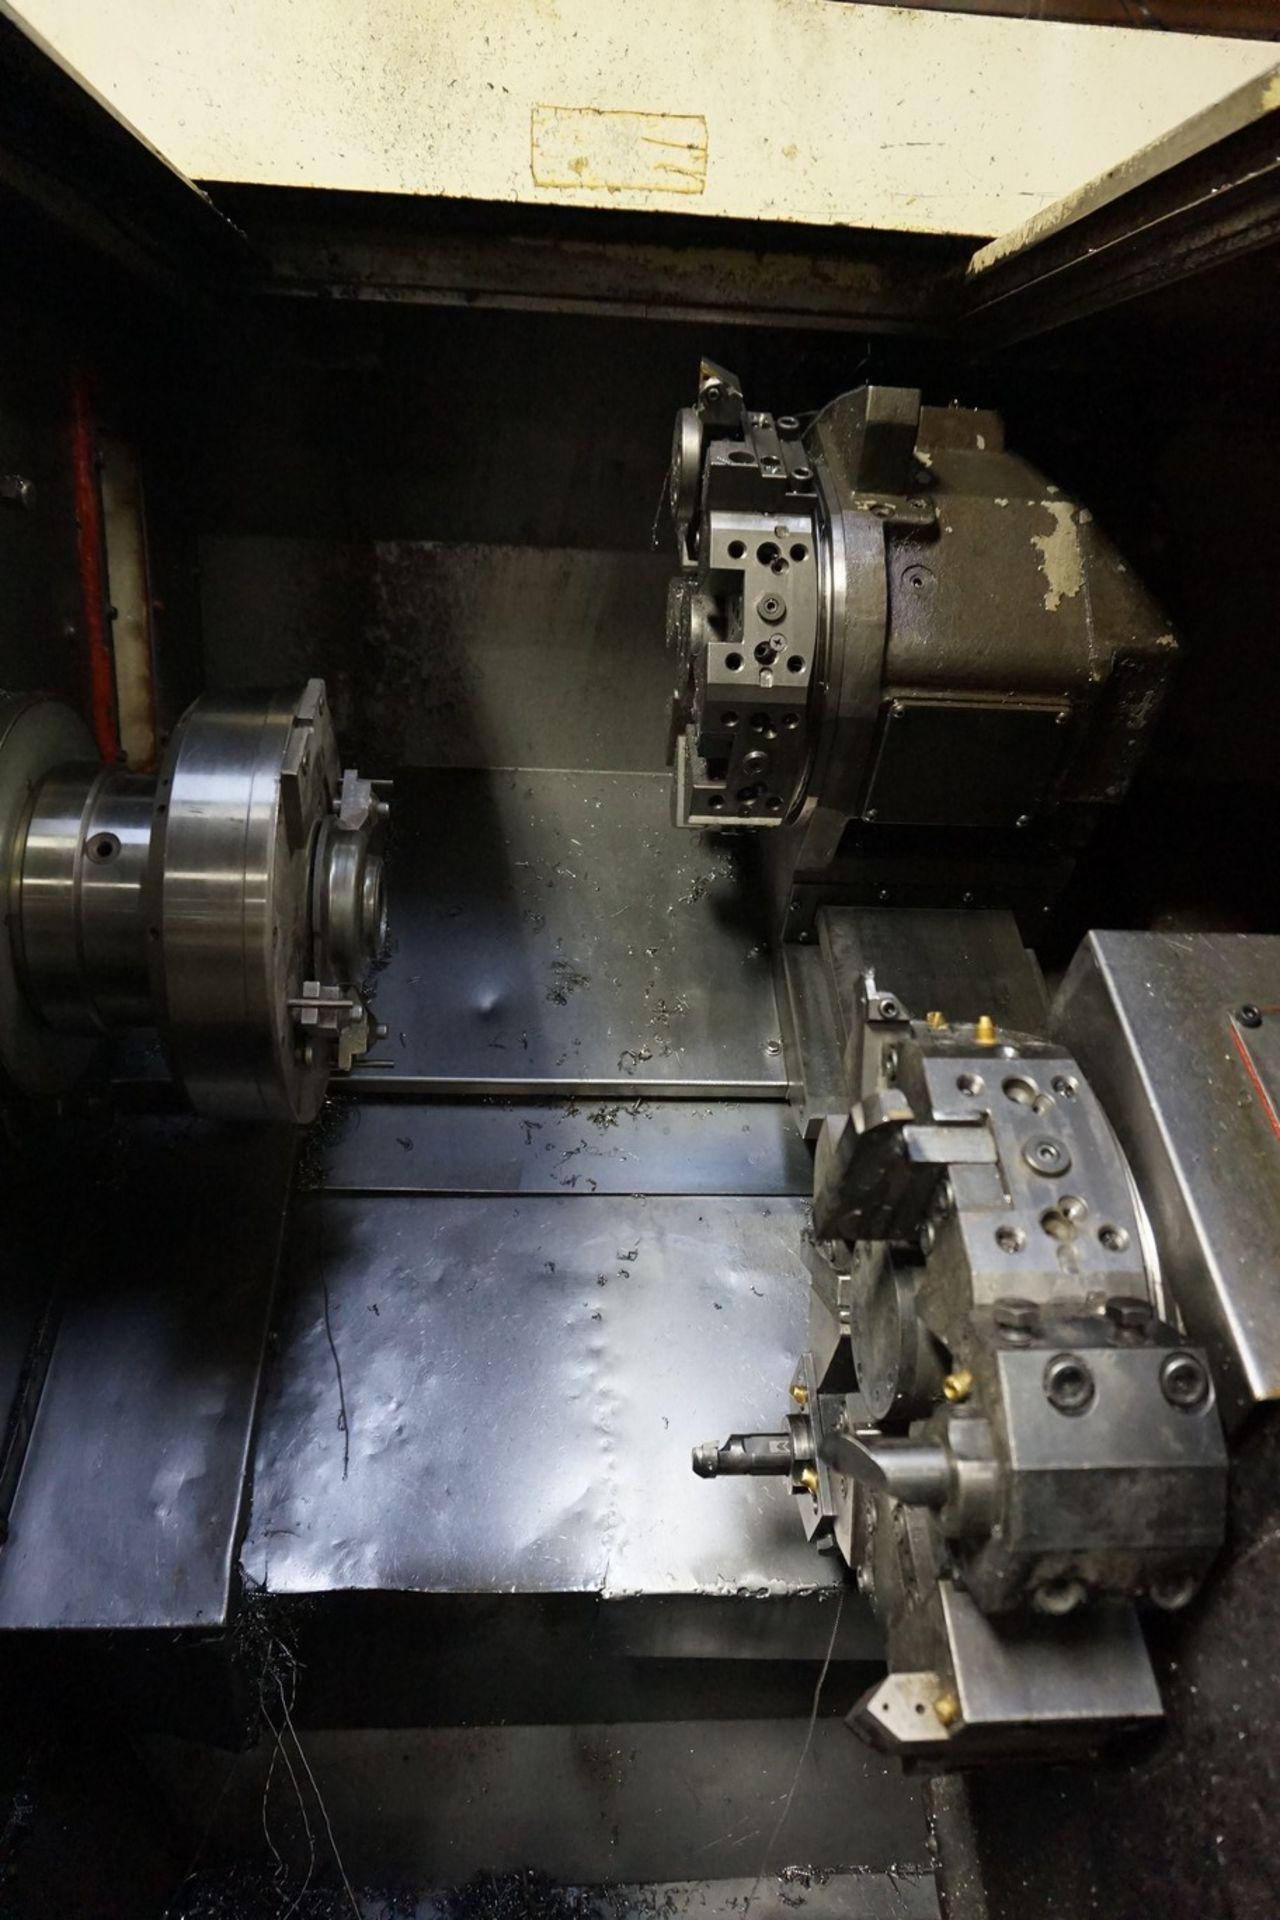 Okuma Model LCC15-2S CNC Lathe 220/240V c/w Chip Conveyor, Transformer - Image 4 of 11